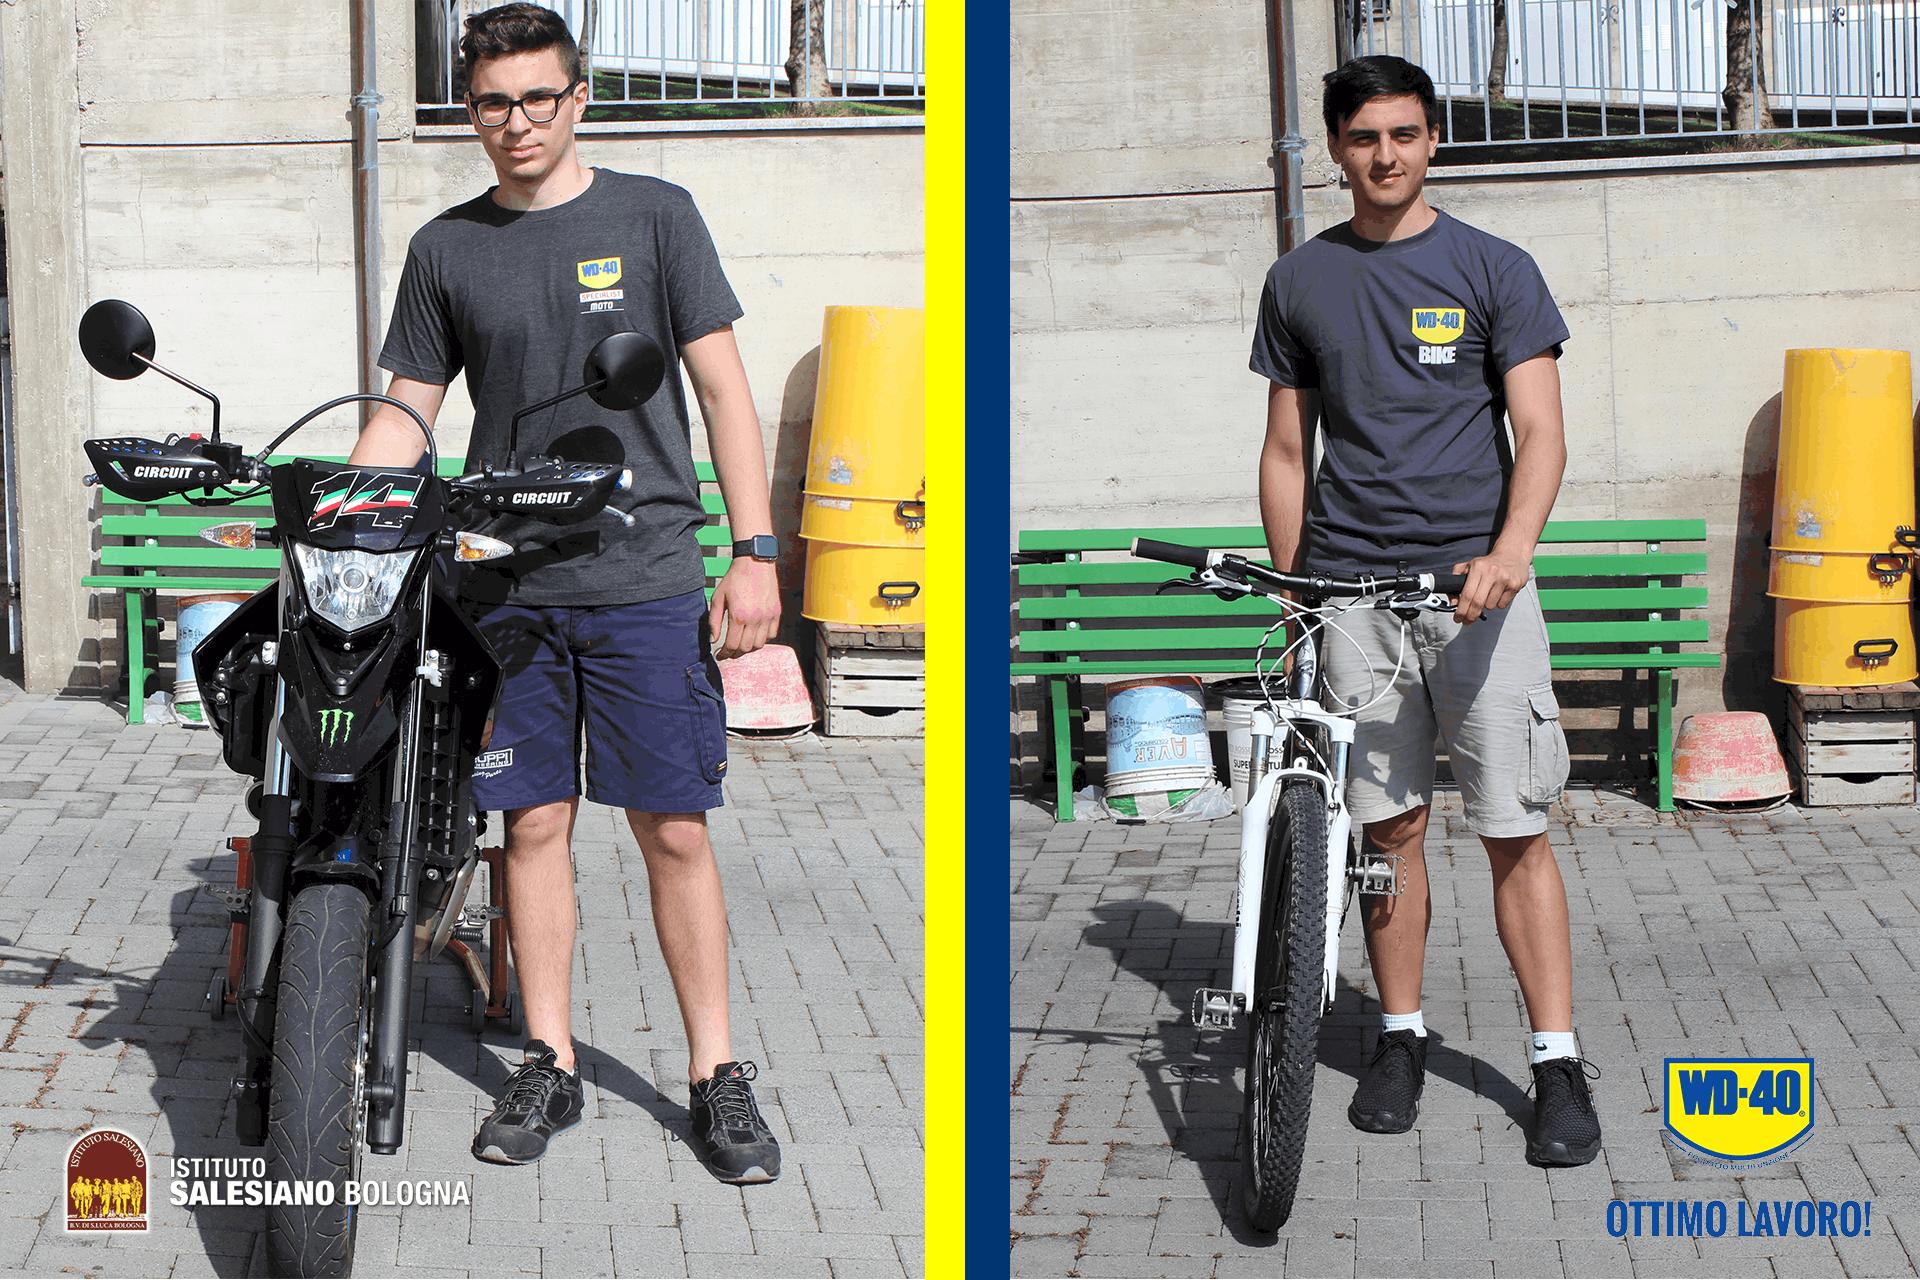 Manutenzione moto e bici con gli studenti dei Salesiani di Bologna